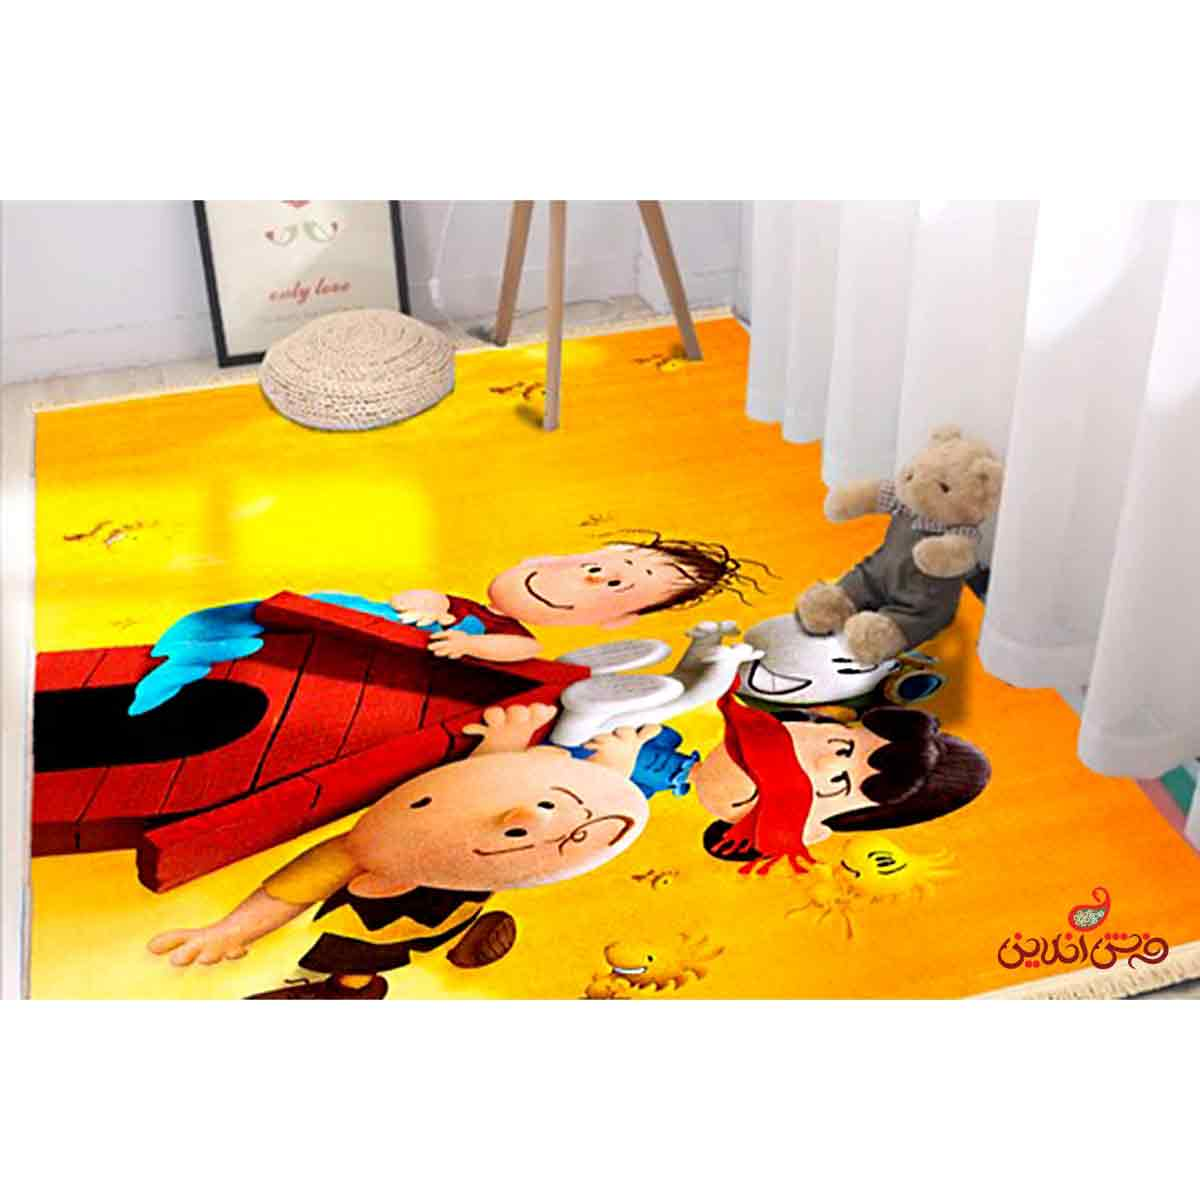 فرش ماشینی کودک کلاریس طرح پیناتس کد 100233